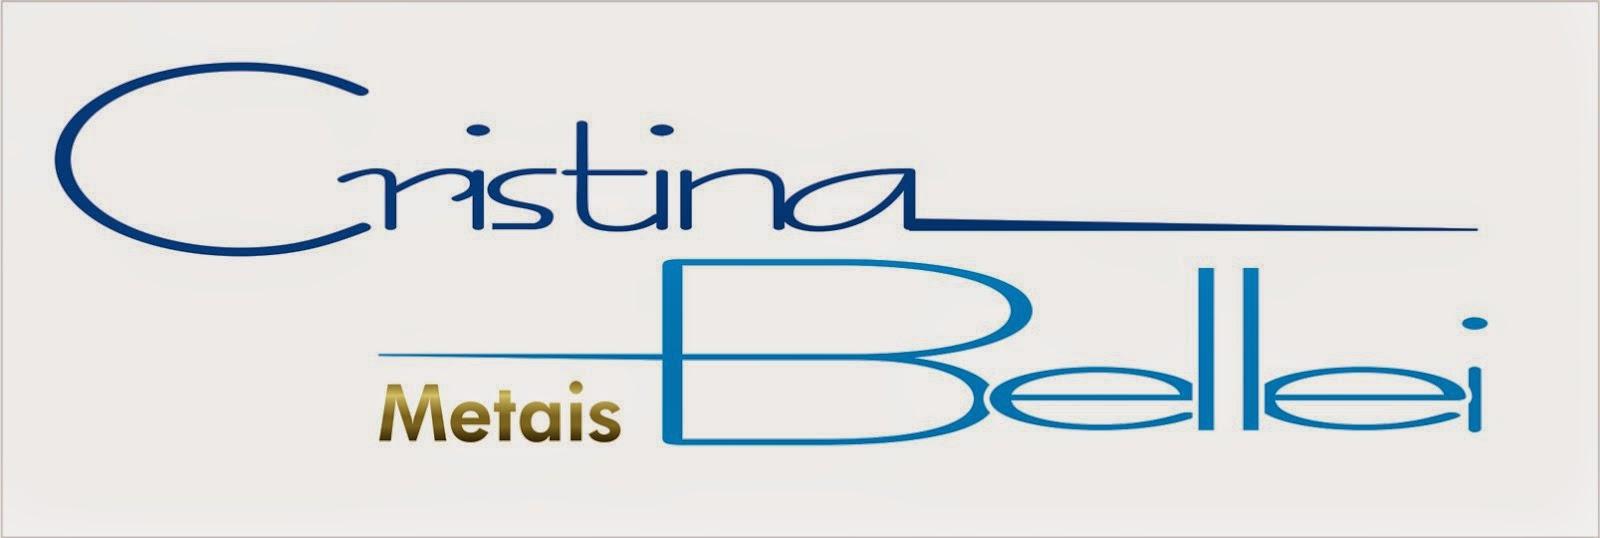 Cristina Bellei